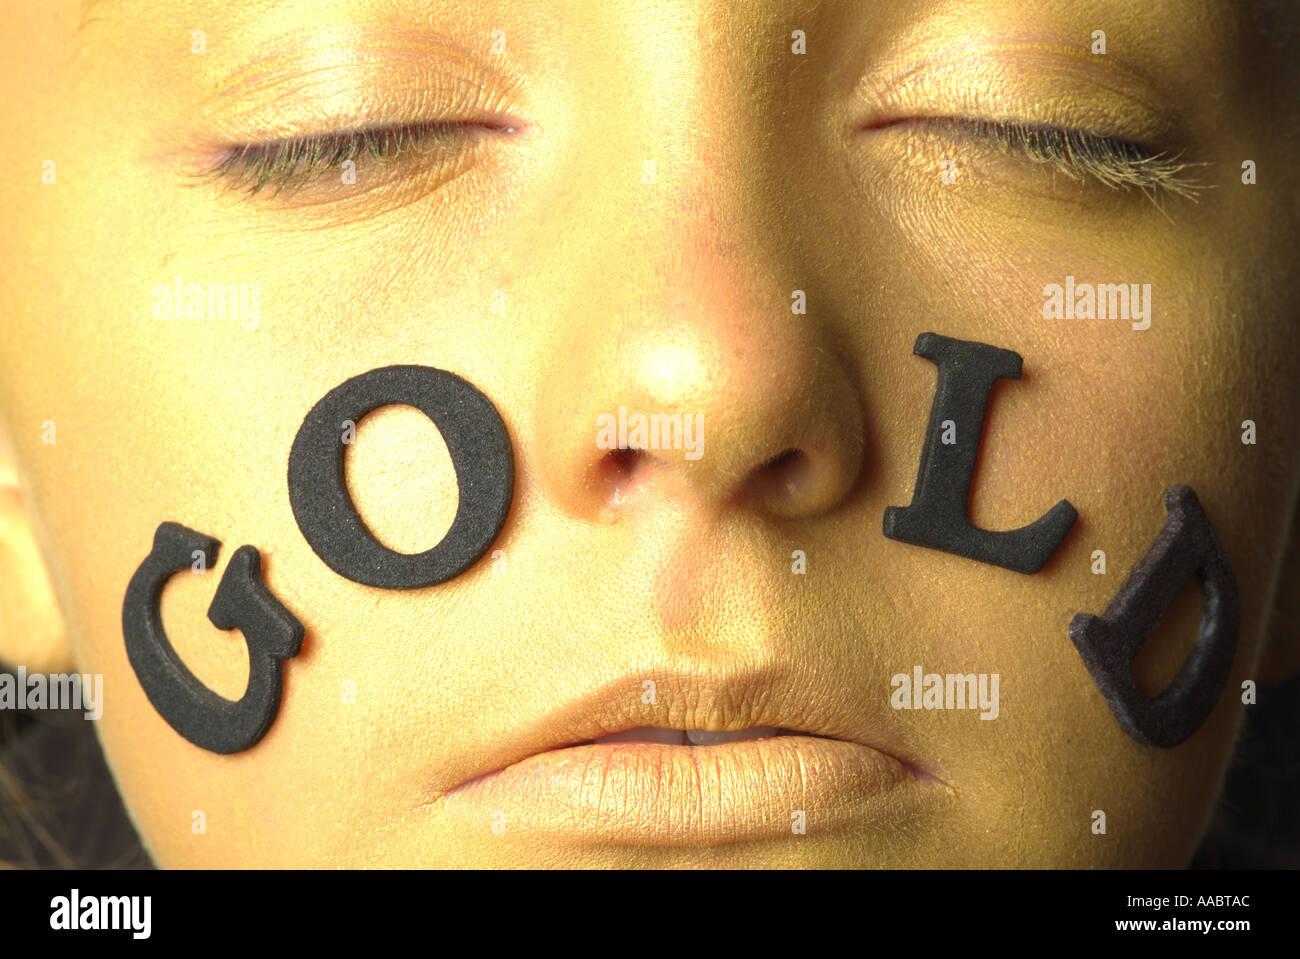 La faccia di oro ragazza closeup di occhi naso bocca con le scritte oro Immagini Stock